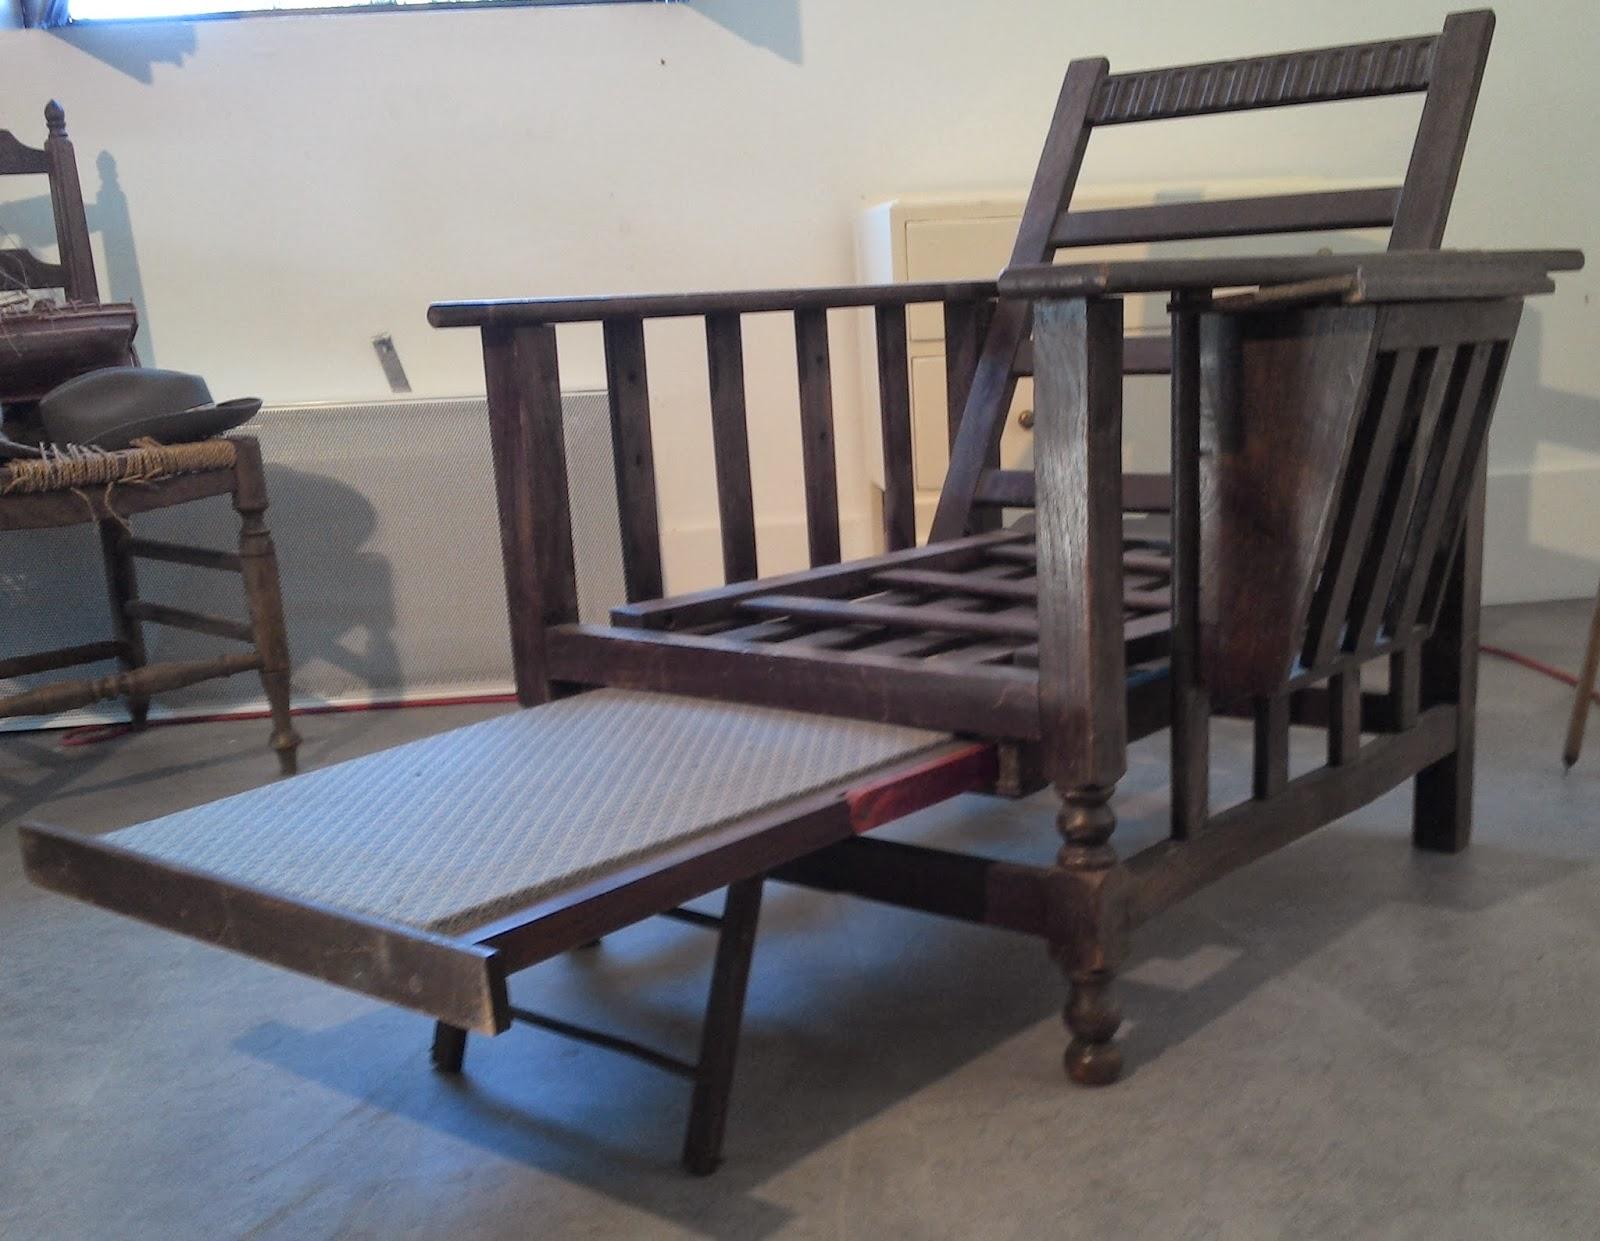 Ancien Fauteuil A Systeme Chaise Longue Rare Et Bizarre Modulable Design Scandinave France